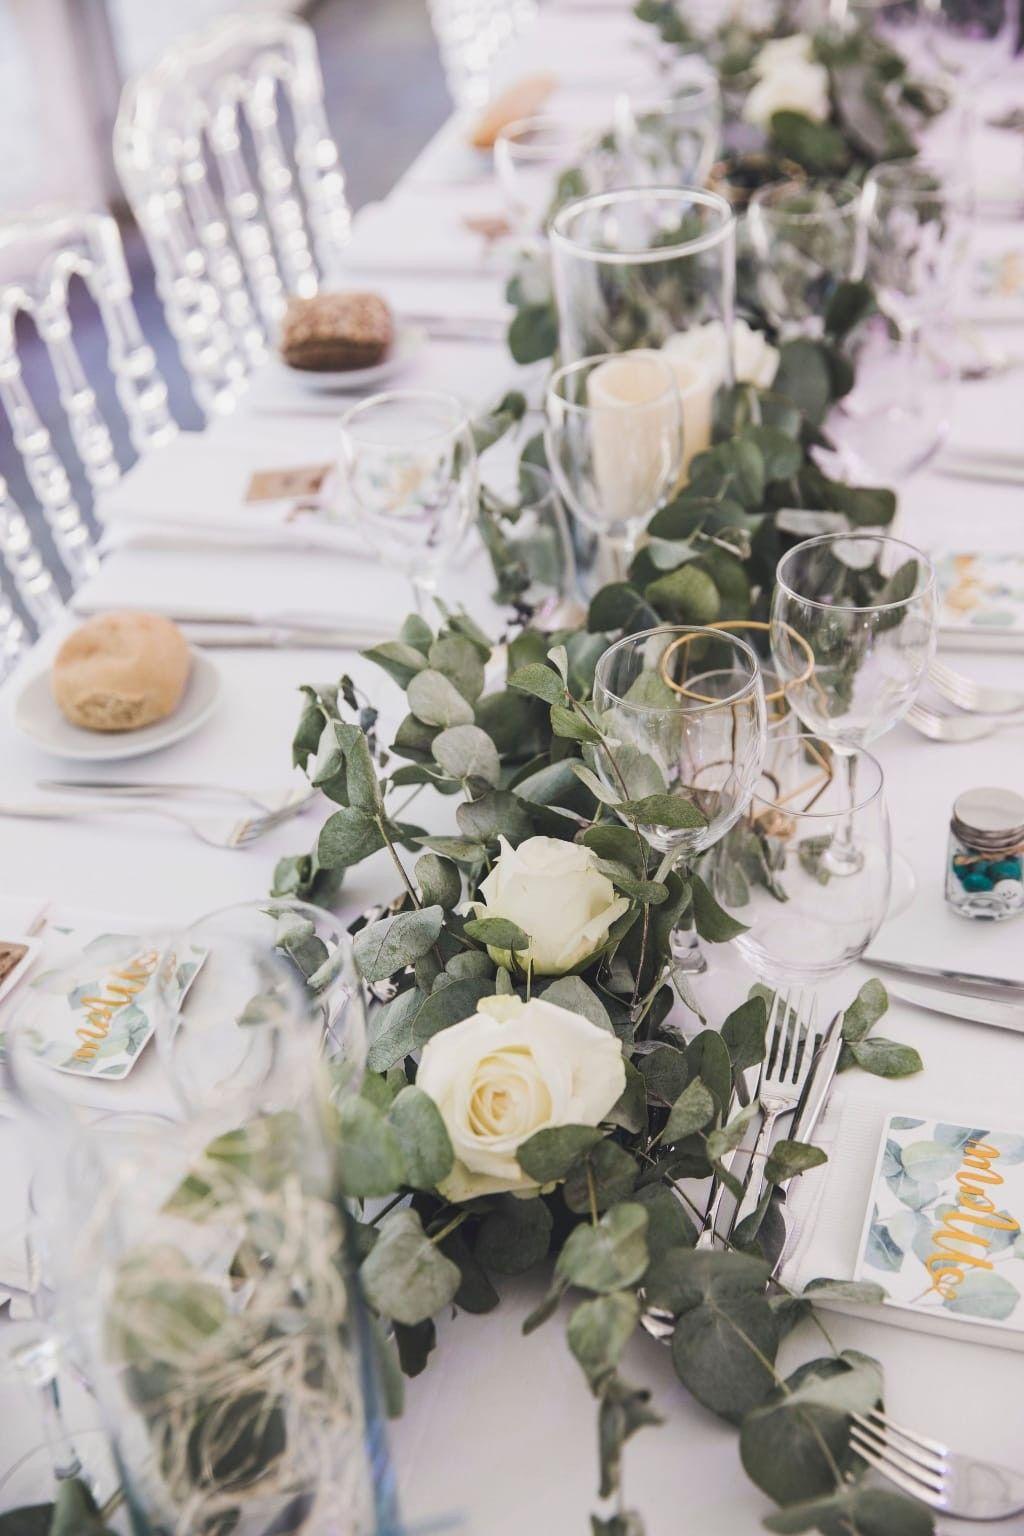 Feuille D Eucalyptus Bouquet Épinglé par ombeline de la ferté sur déco mariage en 2020